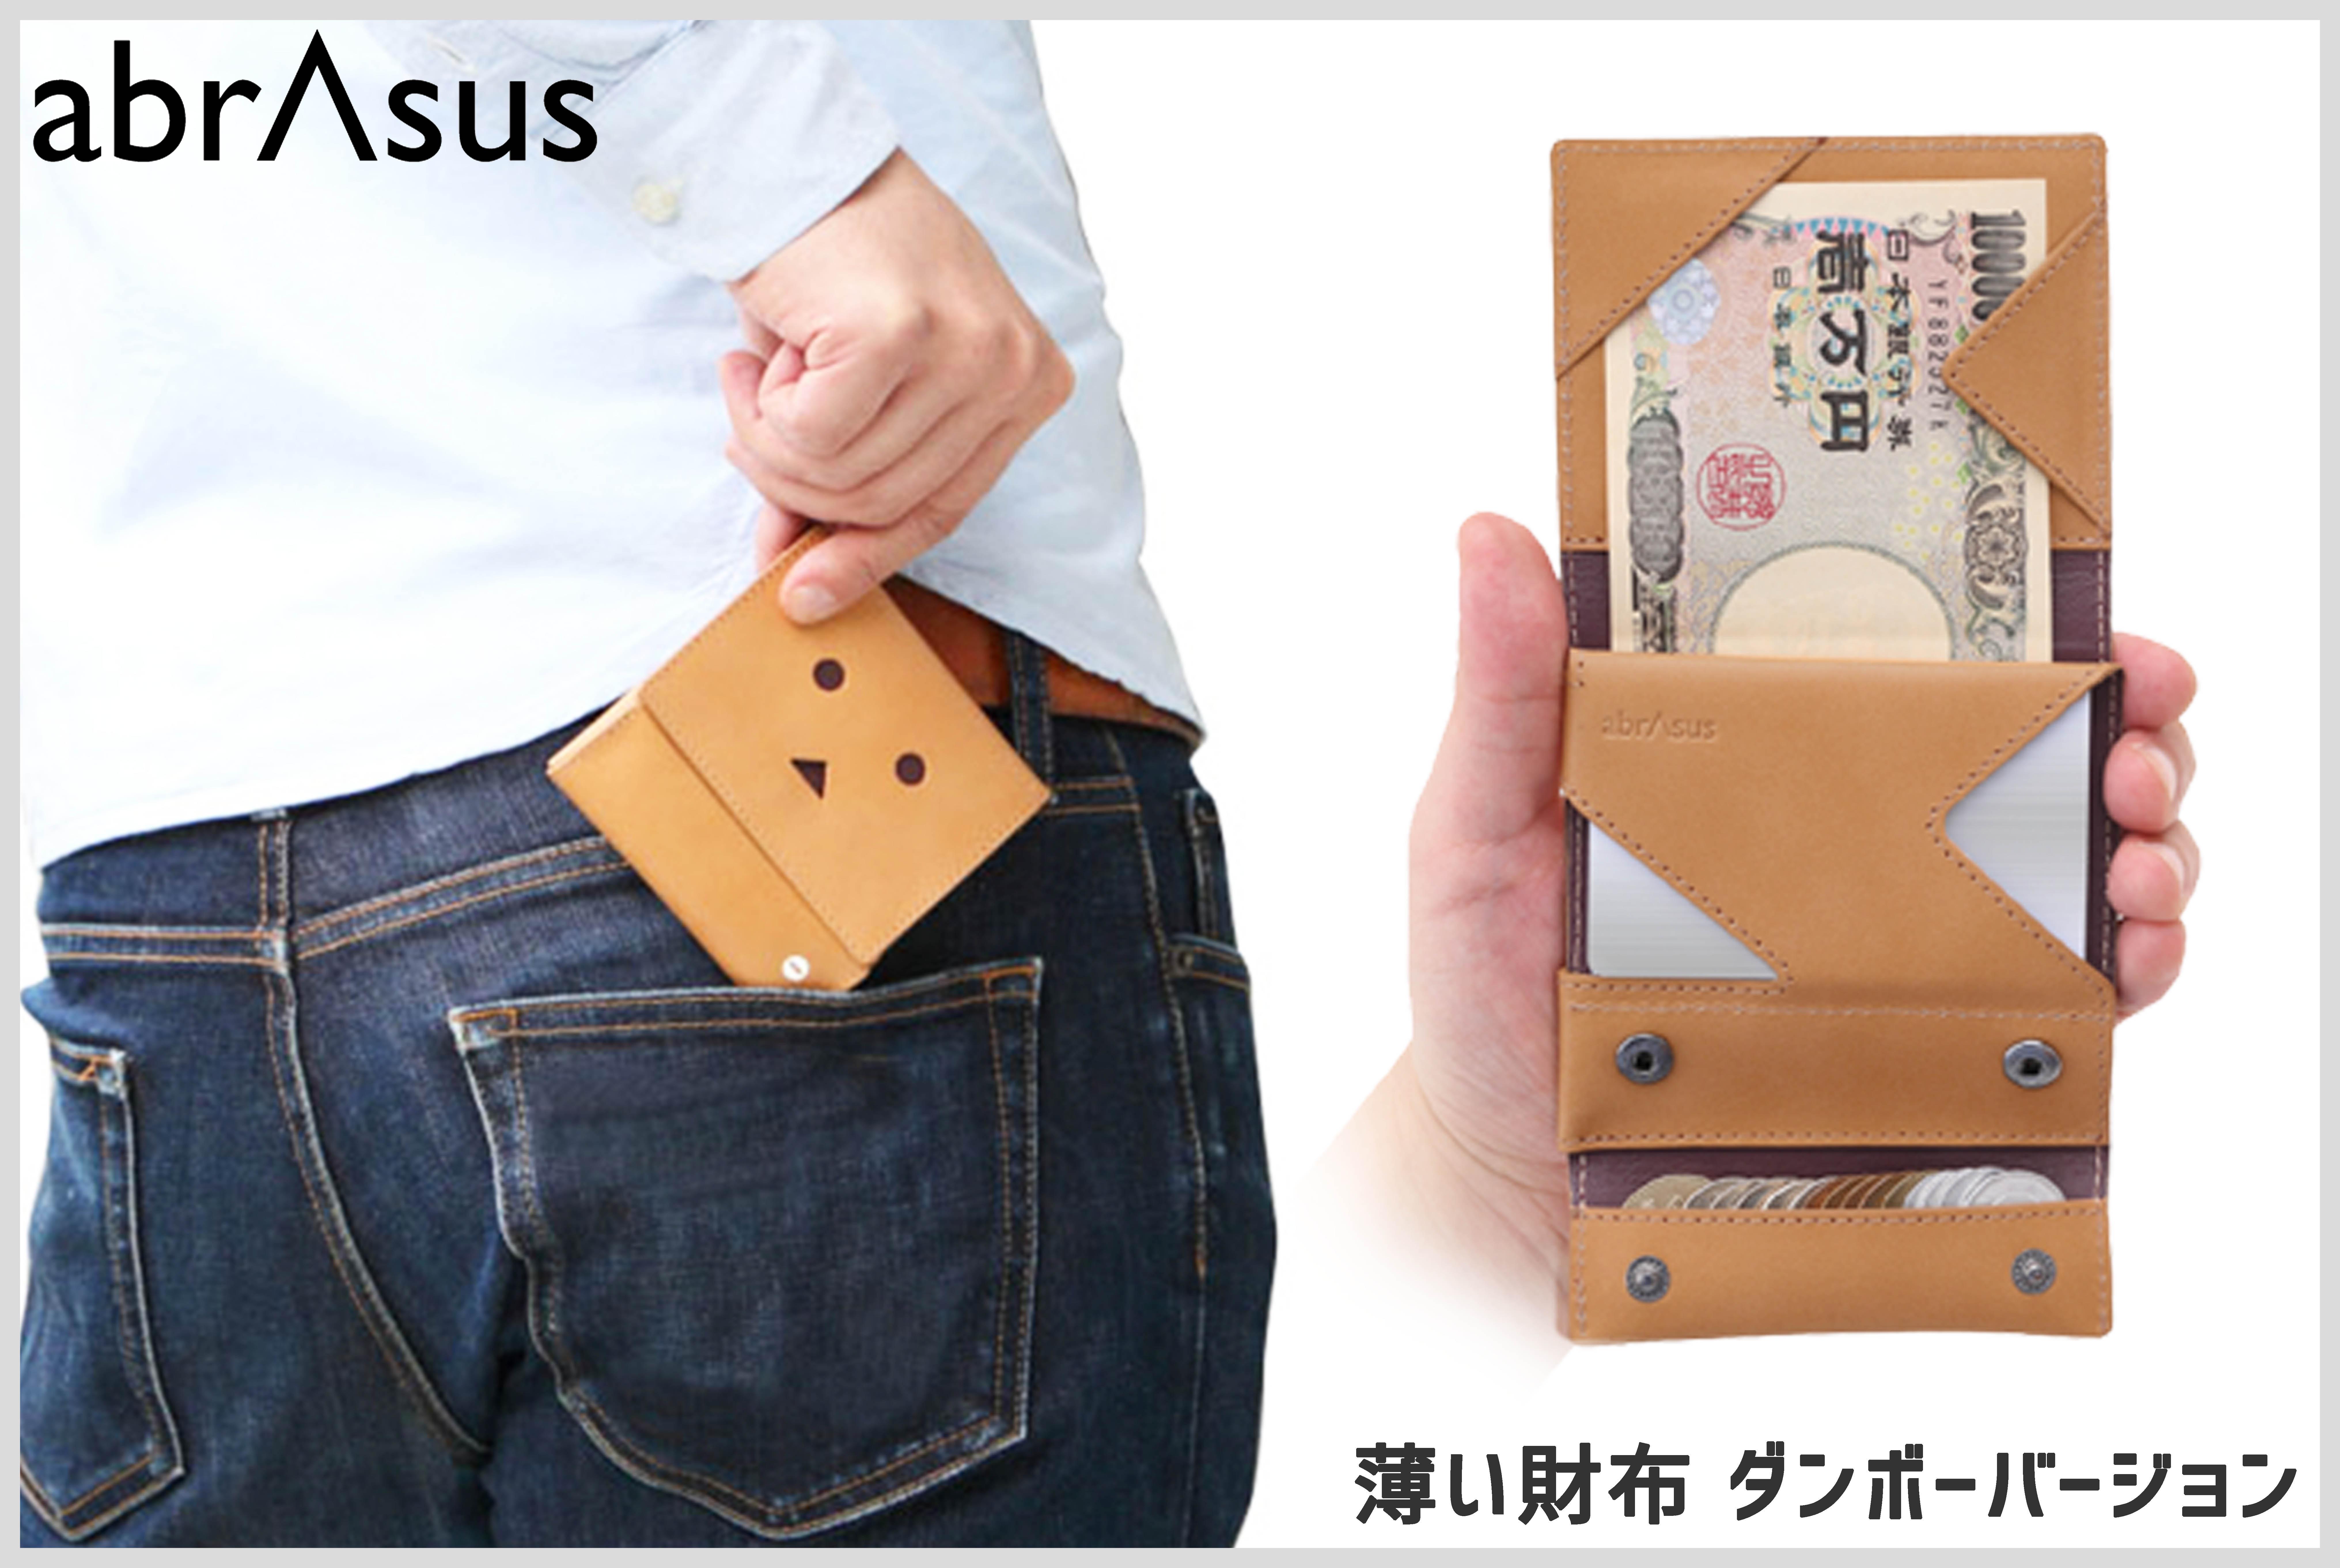 アブラサスとダンボーがコラボした薄い財布